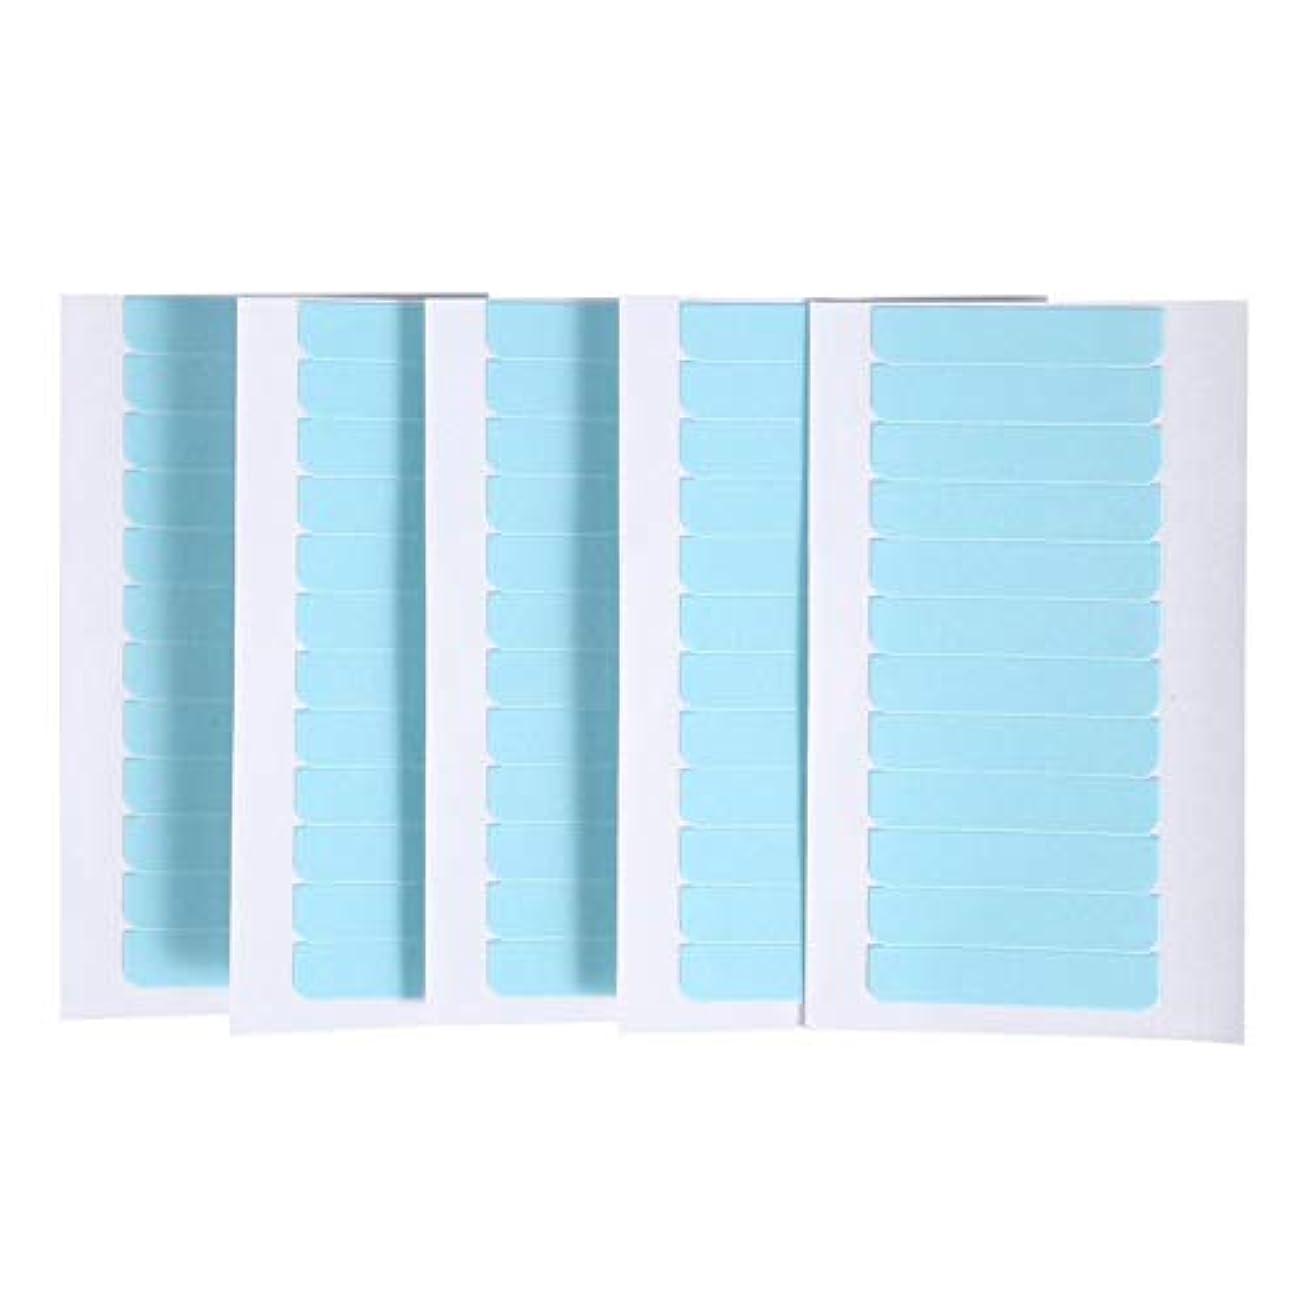 騙す検出可能ために60個/セット肌横糸エクステンション接着剤 ヘアエクステンション用粘着テープ 両面スーパーテープタブ美容ツール